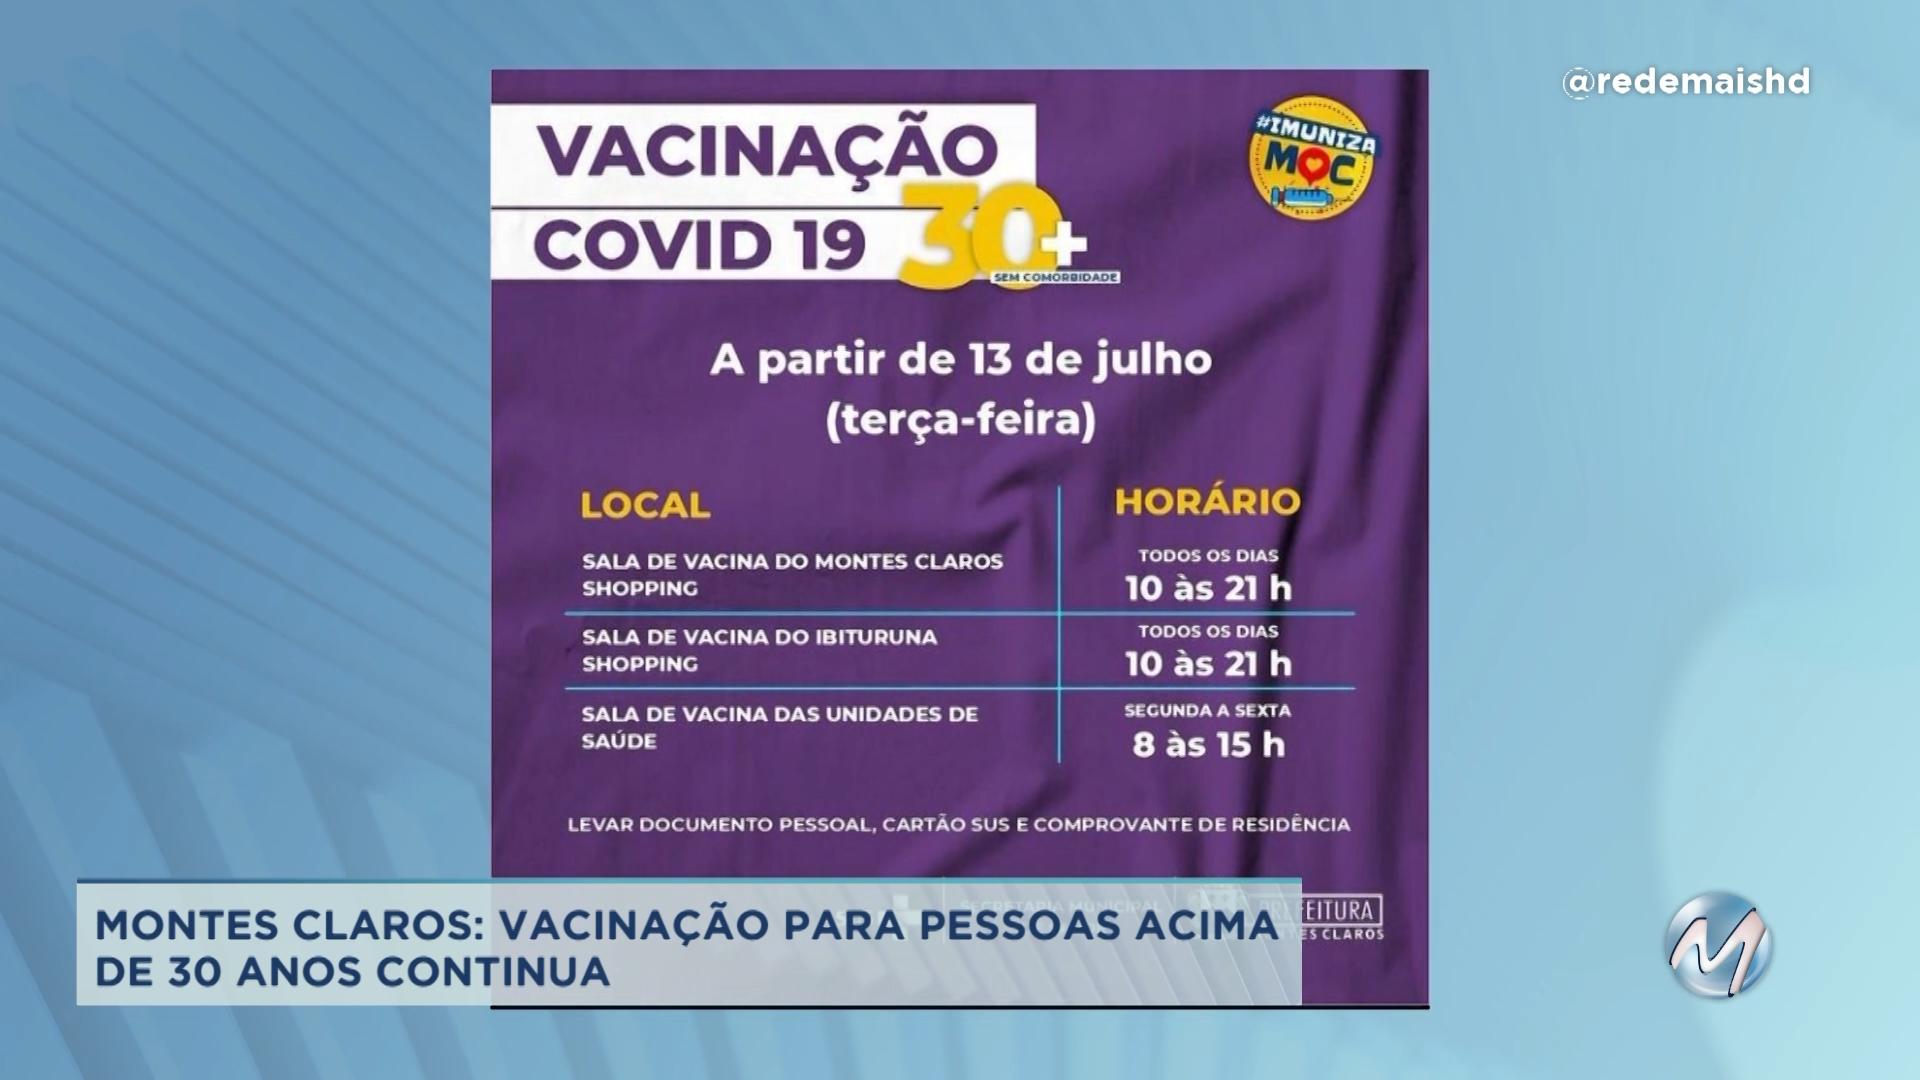 Covid-19: Vacinação para pessoas acima de 30 anos continua em Montes Claros